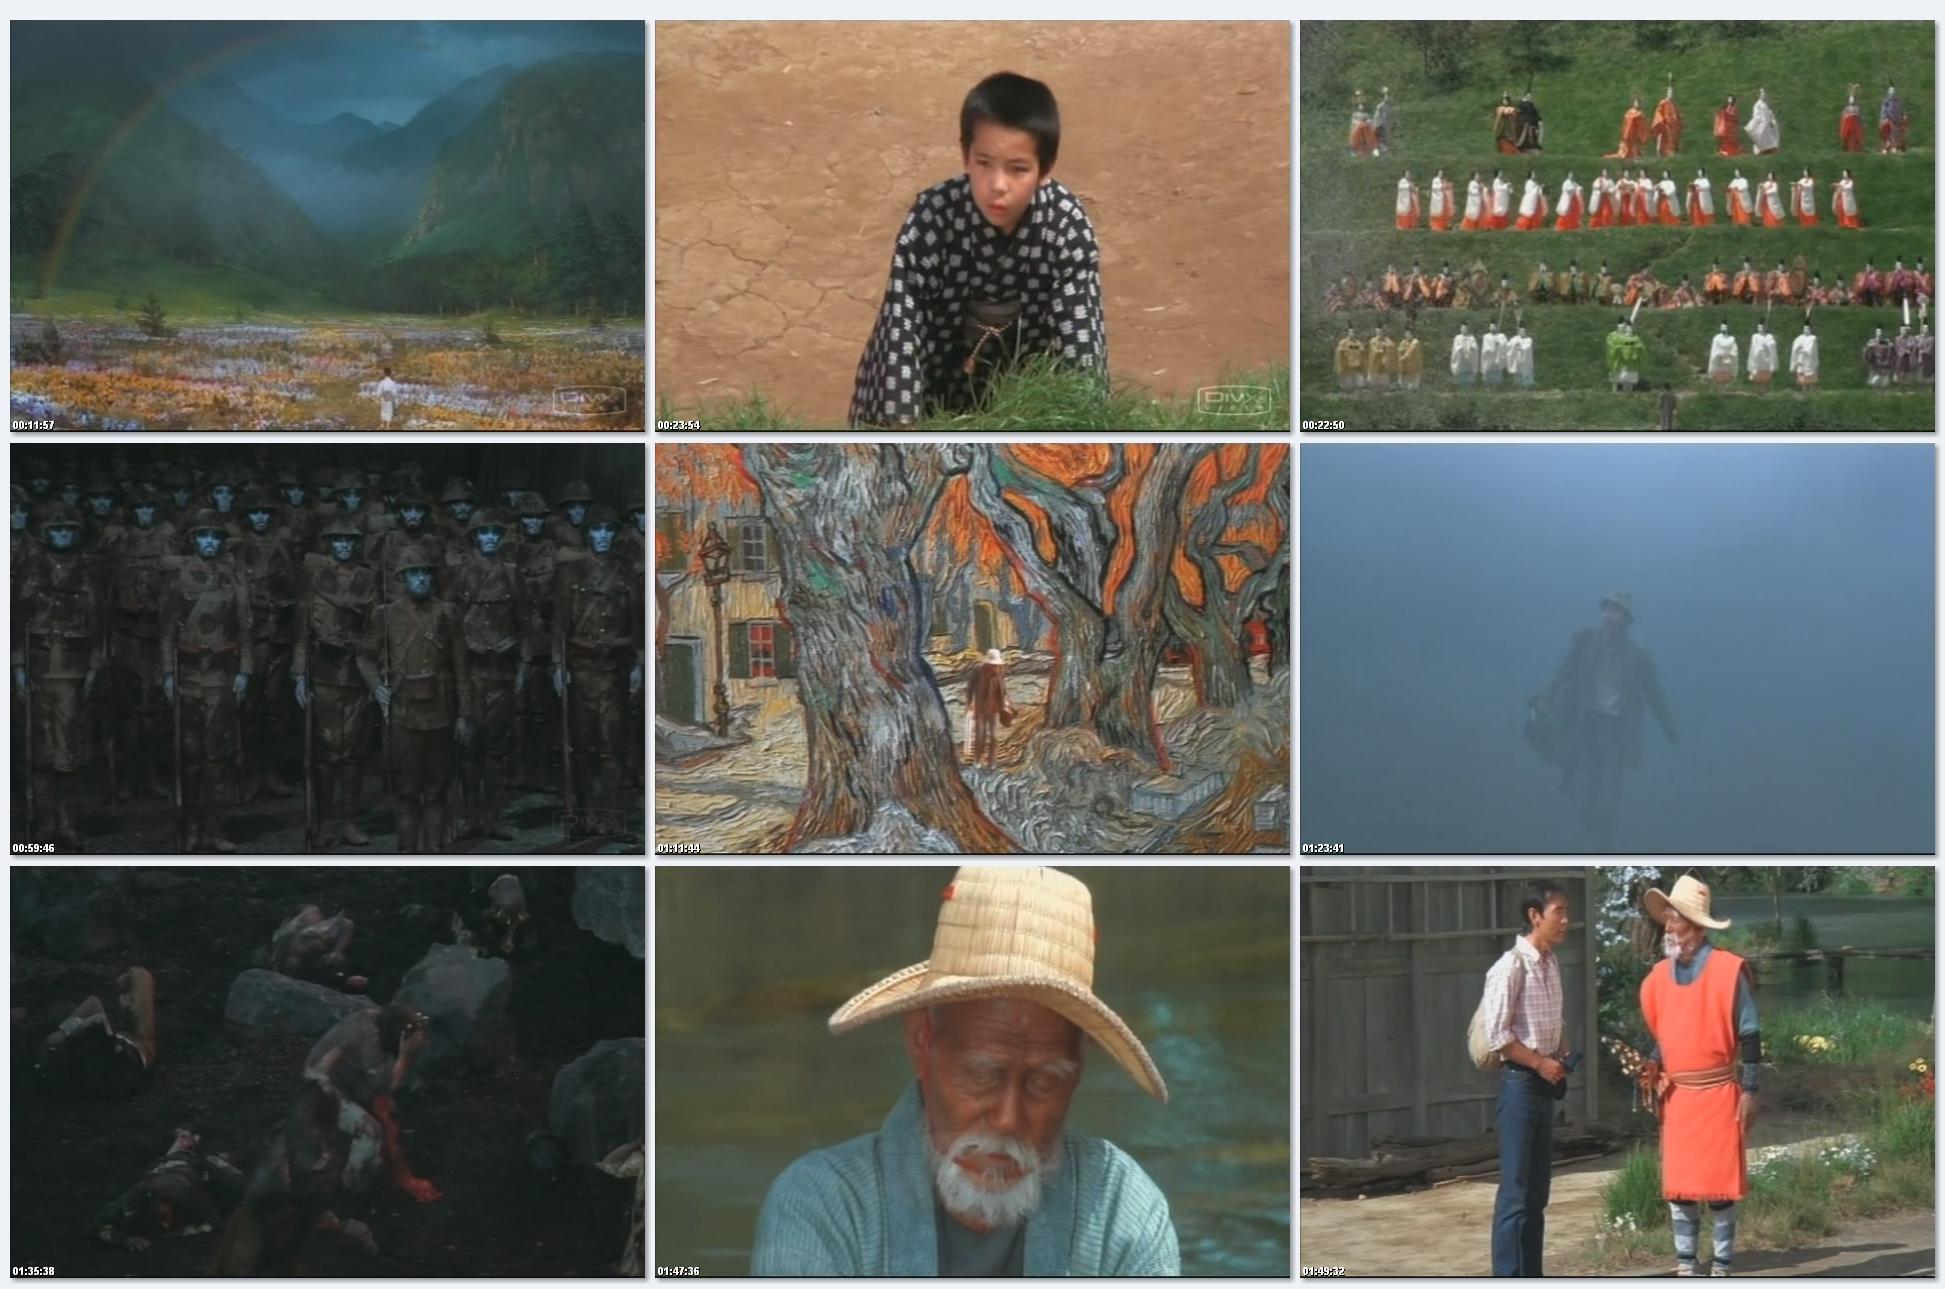 Сны Акиры Куросавы / Akira Kurosawa's Dreams (1990)